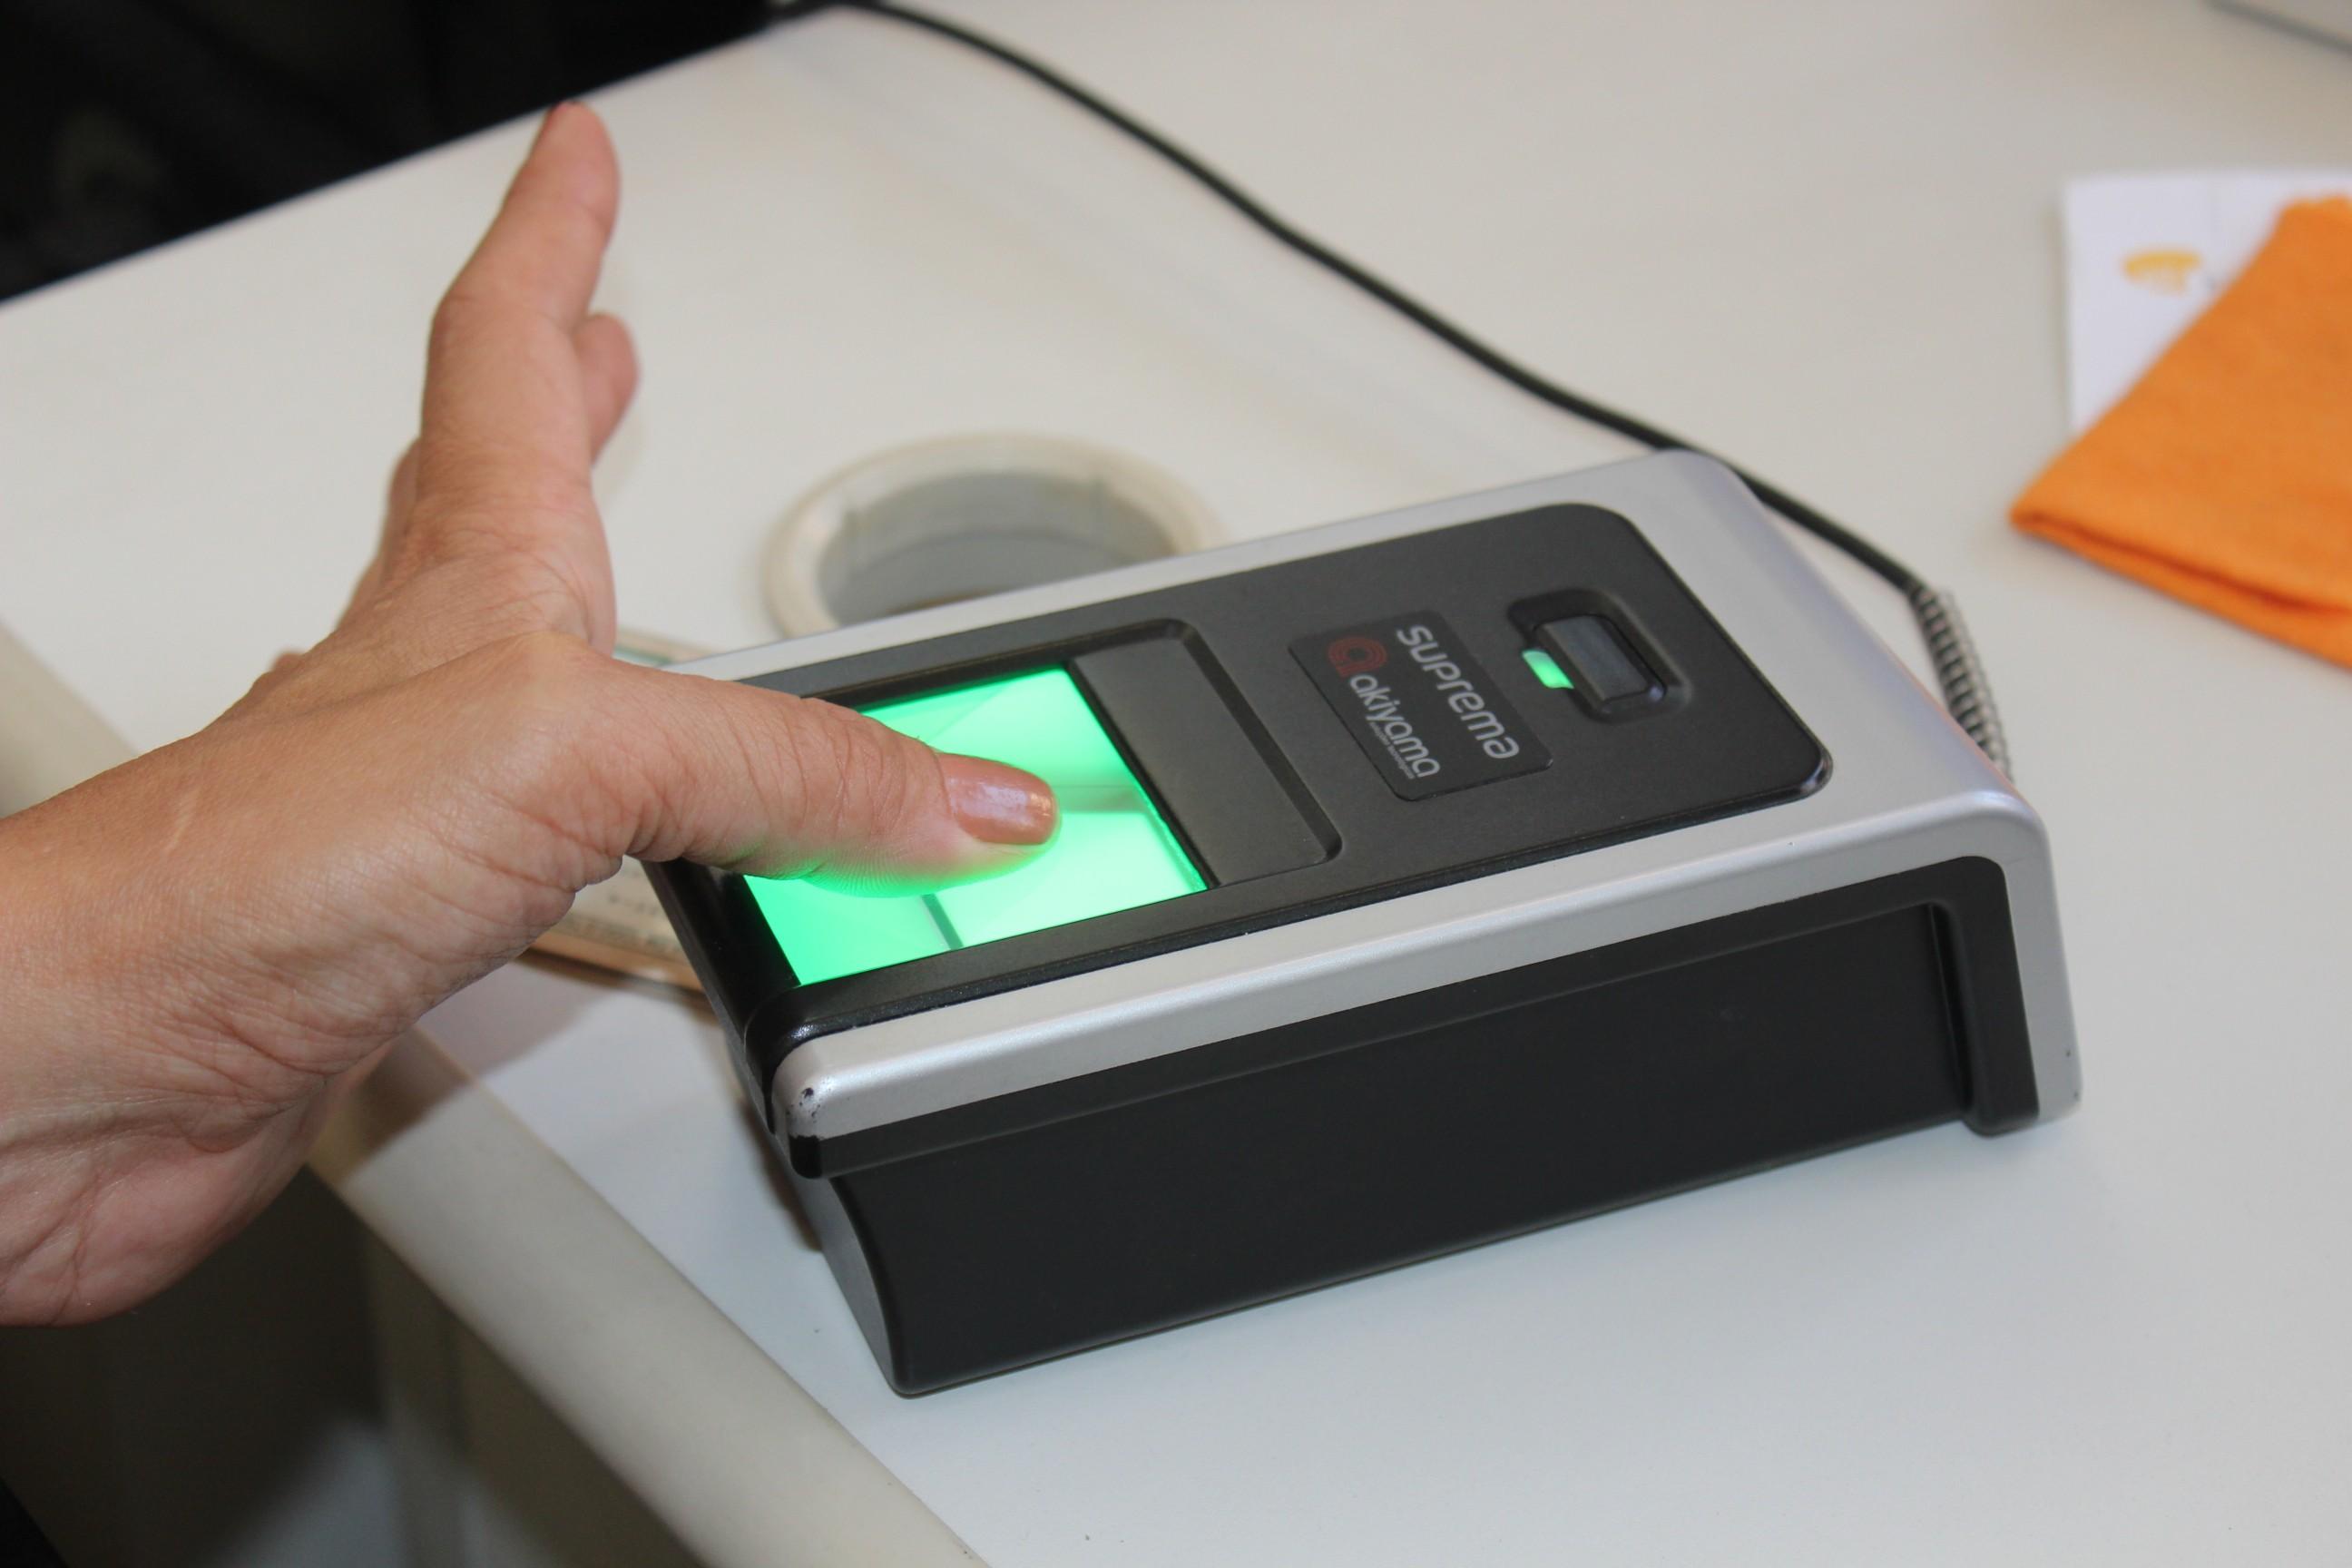 Cadastramento biométrico: confira a situação dos eleitores nas cidades do Sul do Rio - Notícias - Plantão Diário